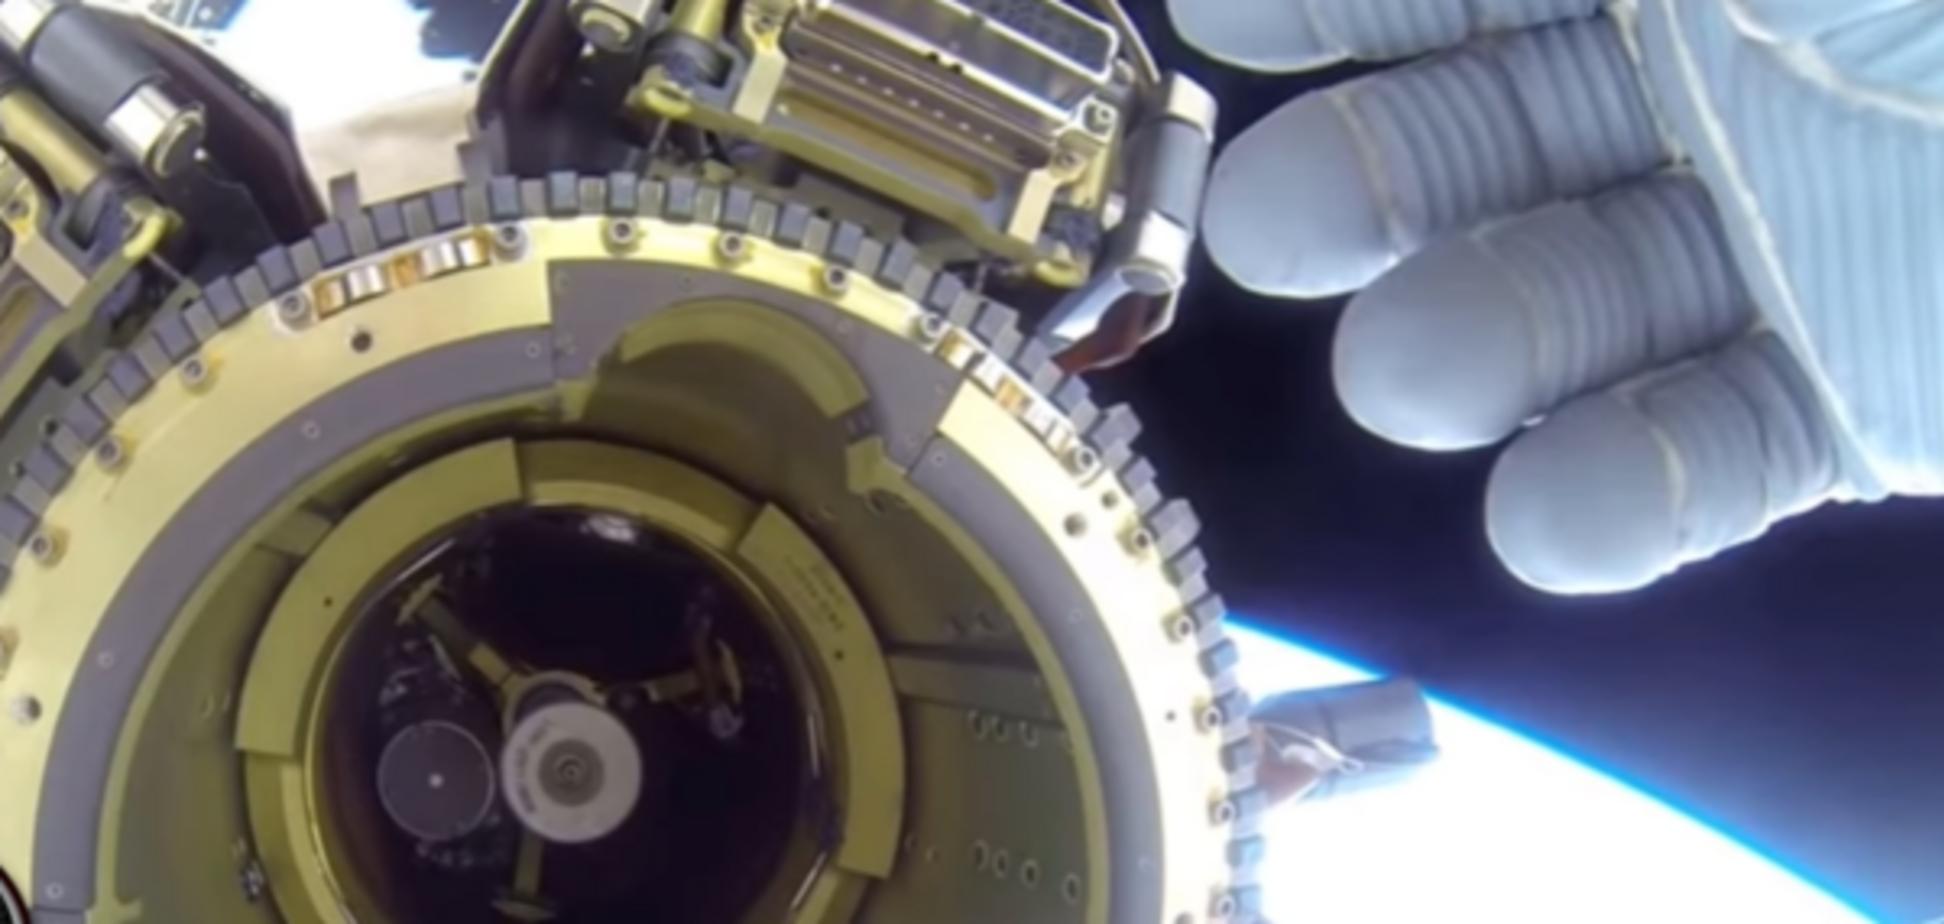 Астронавт NASA попытался скрыть пролетающий НЛО: опубликовано видео